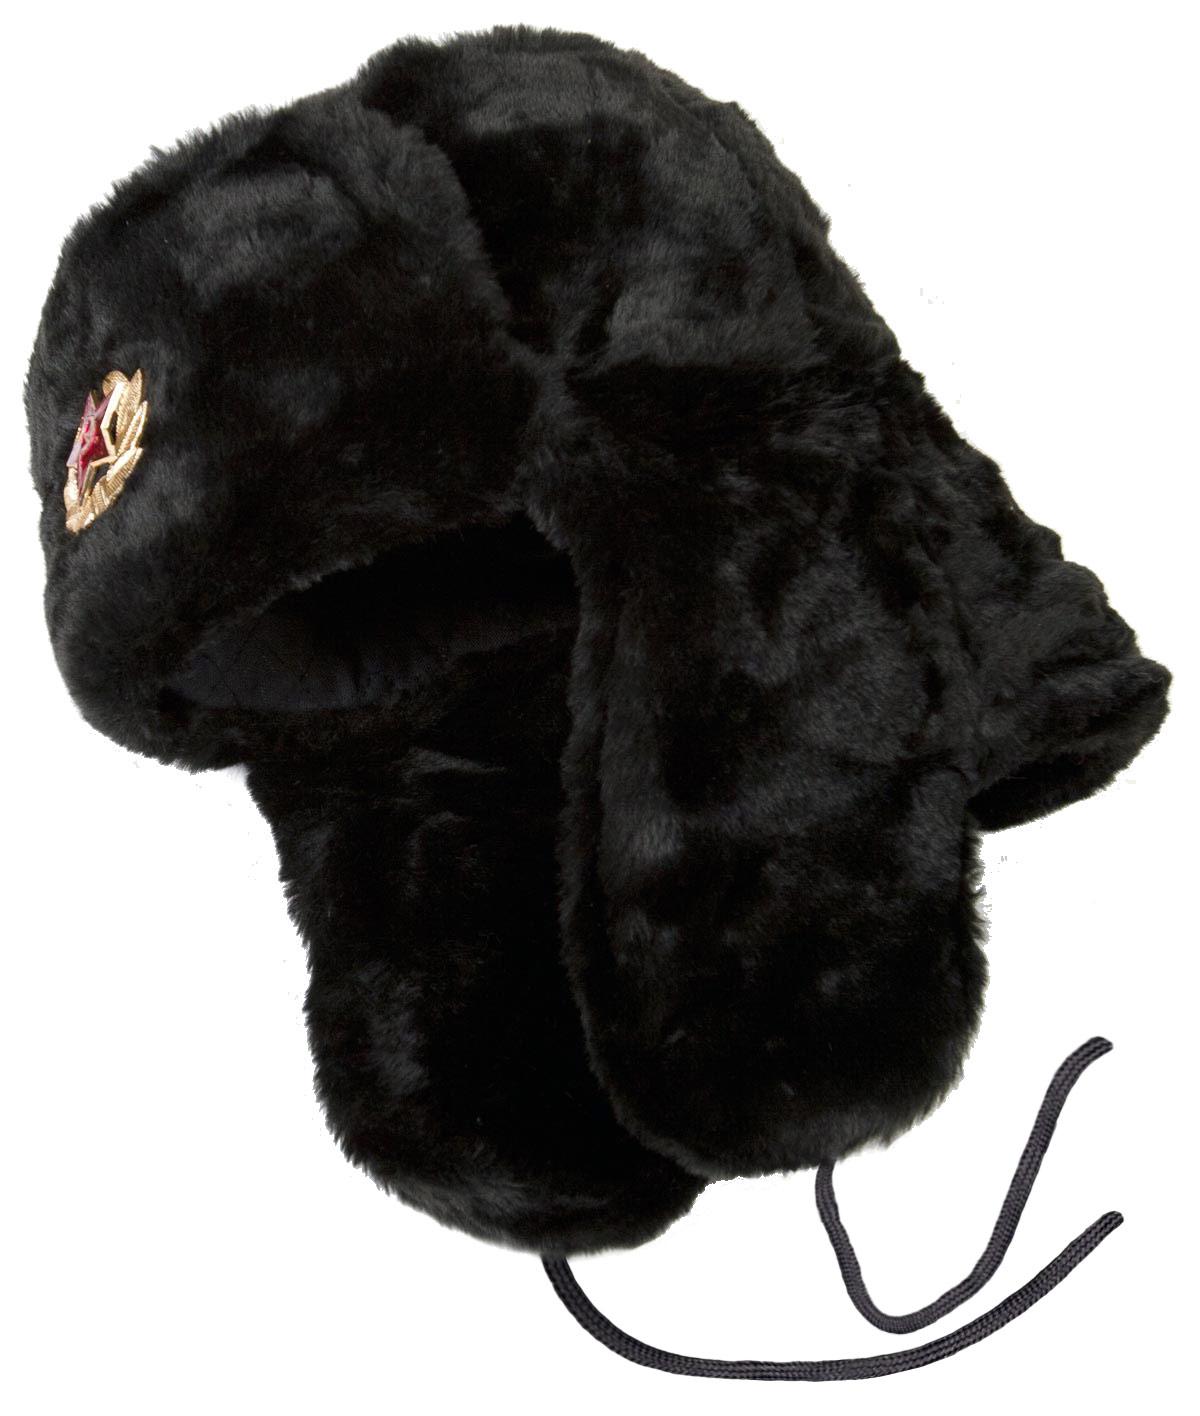 829313f488d Russian ushanka winter hat. Black.